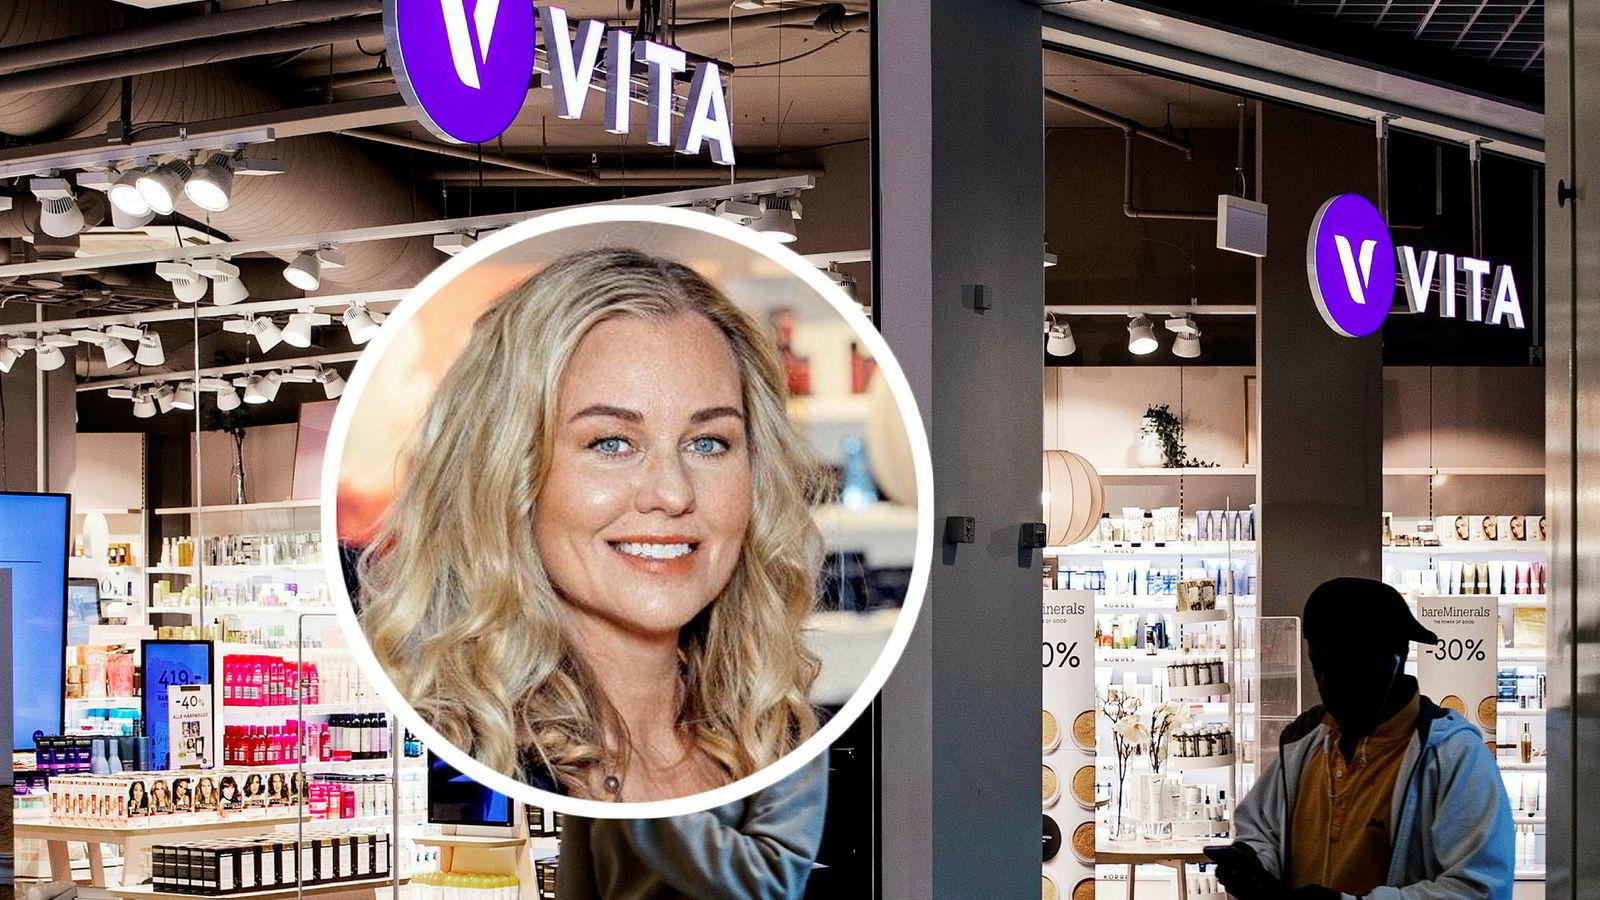 Cosmetic groups toppsjef Kristina Johansson leder snuoperasjonen i Vita og etableringen av de nye Loco-butikkene.